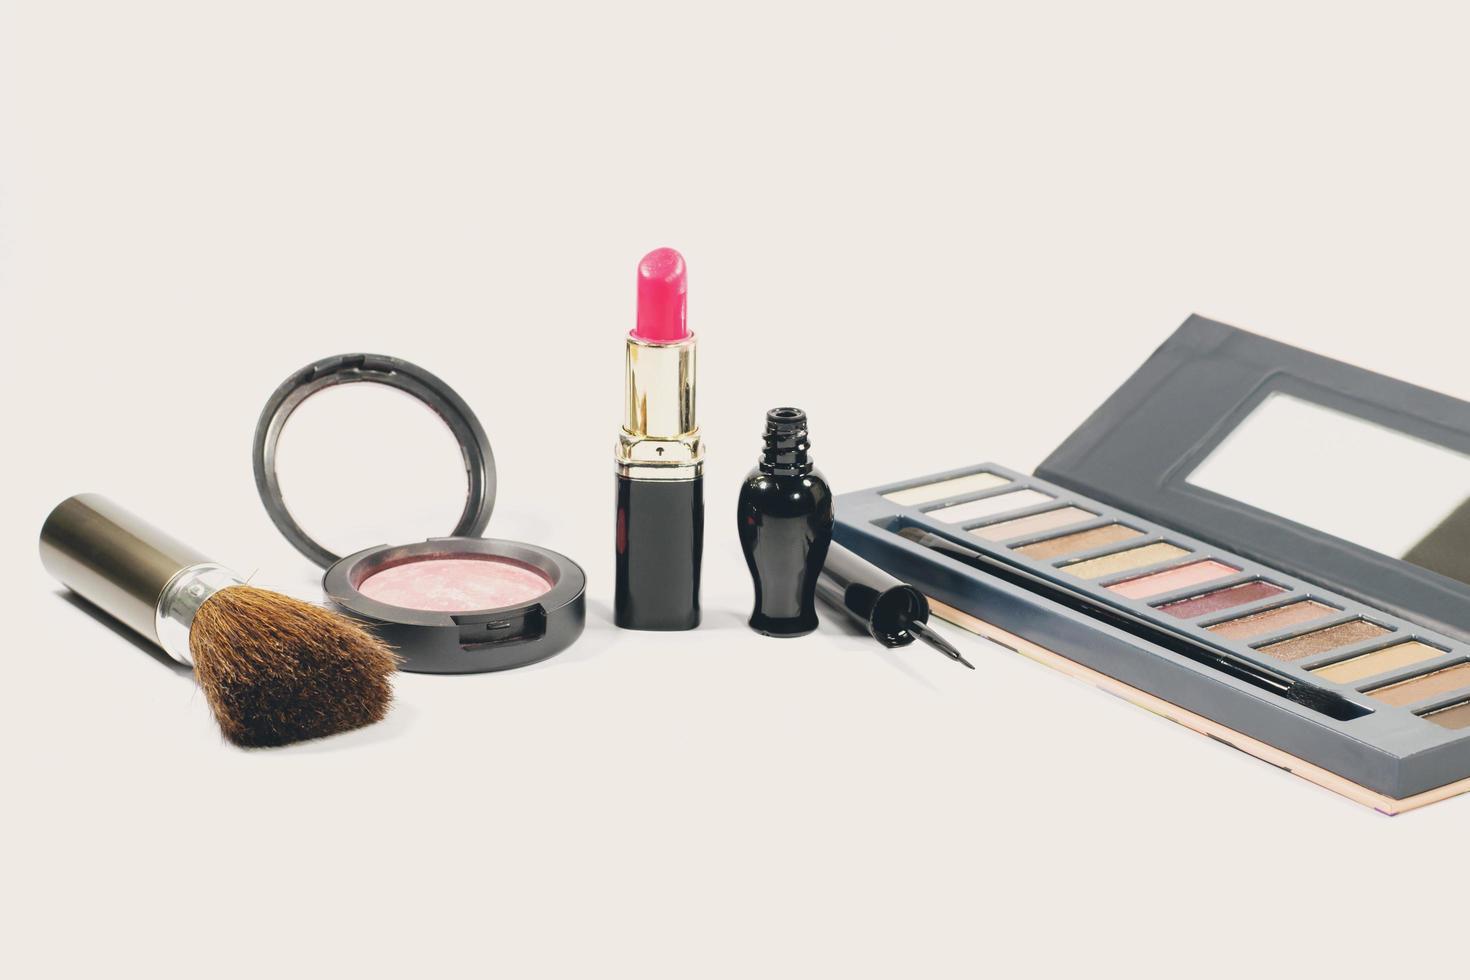 groupe de cosmétiques de maquillage photo